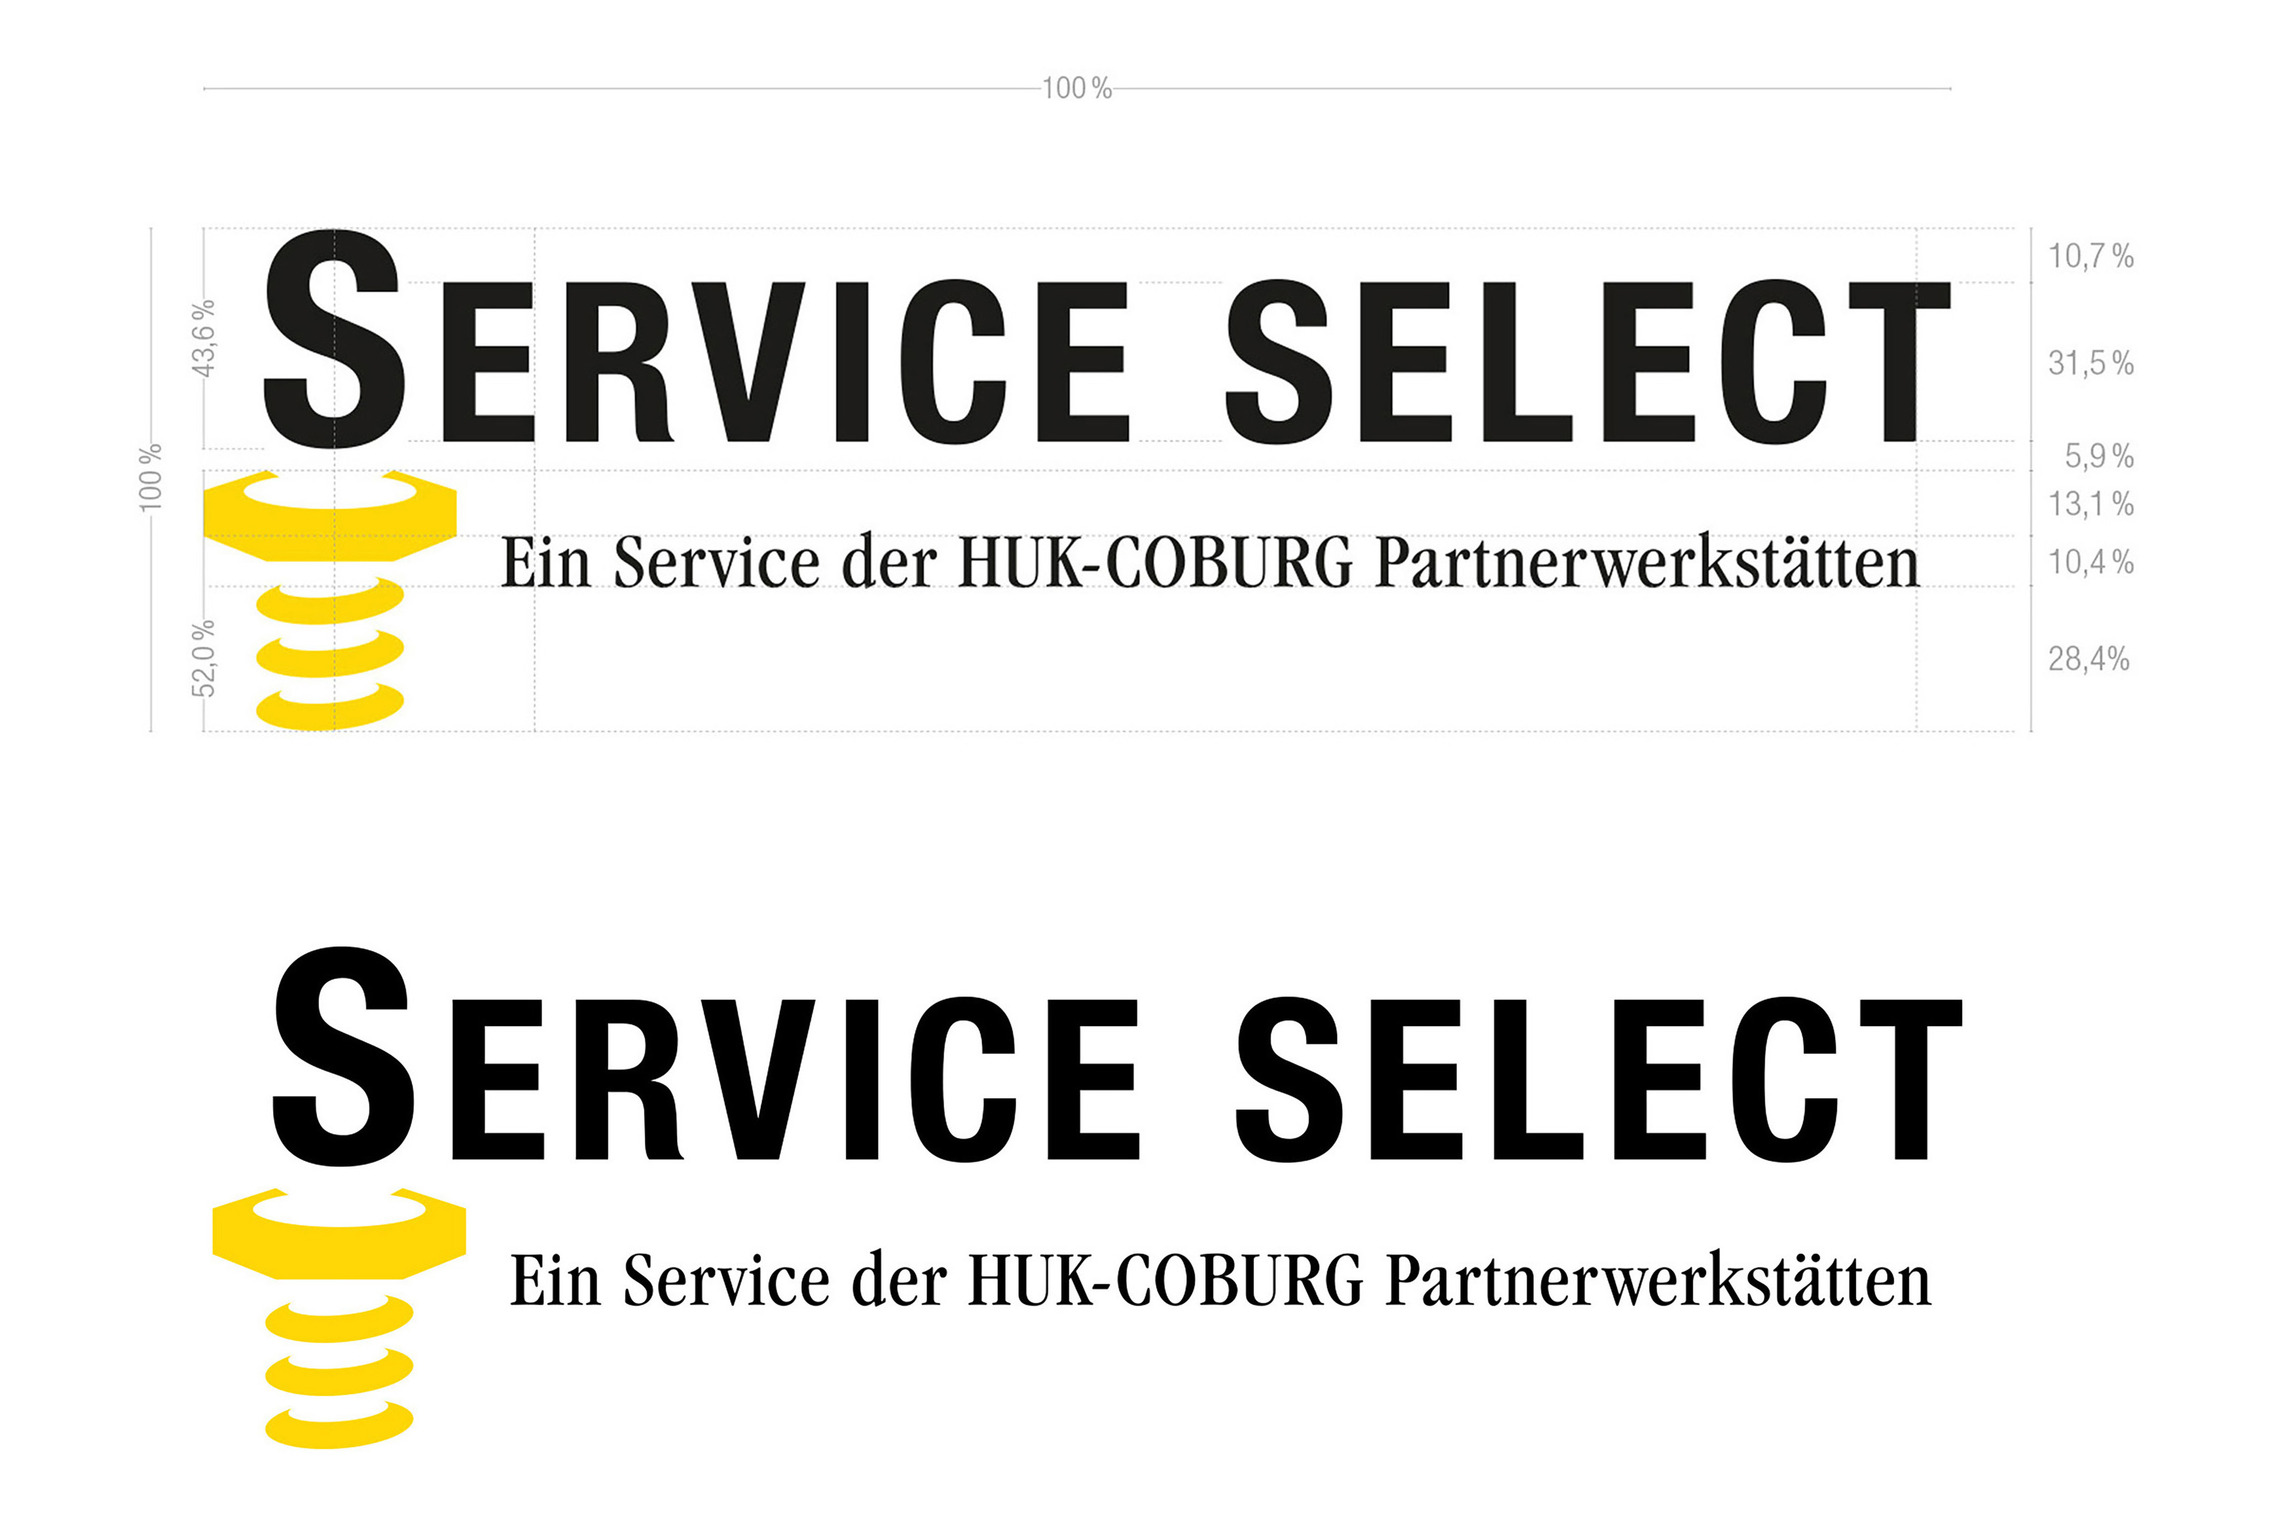 Der Colour Code der Marke HUK-COBURG spiegelt sich auch im Auftritt von »Service Select« wider und gibt den Kunden eine klare Orientierung.